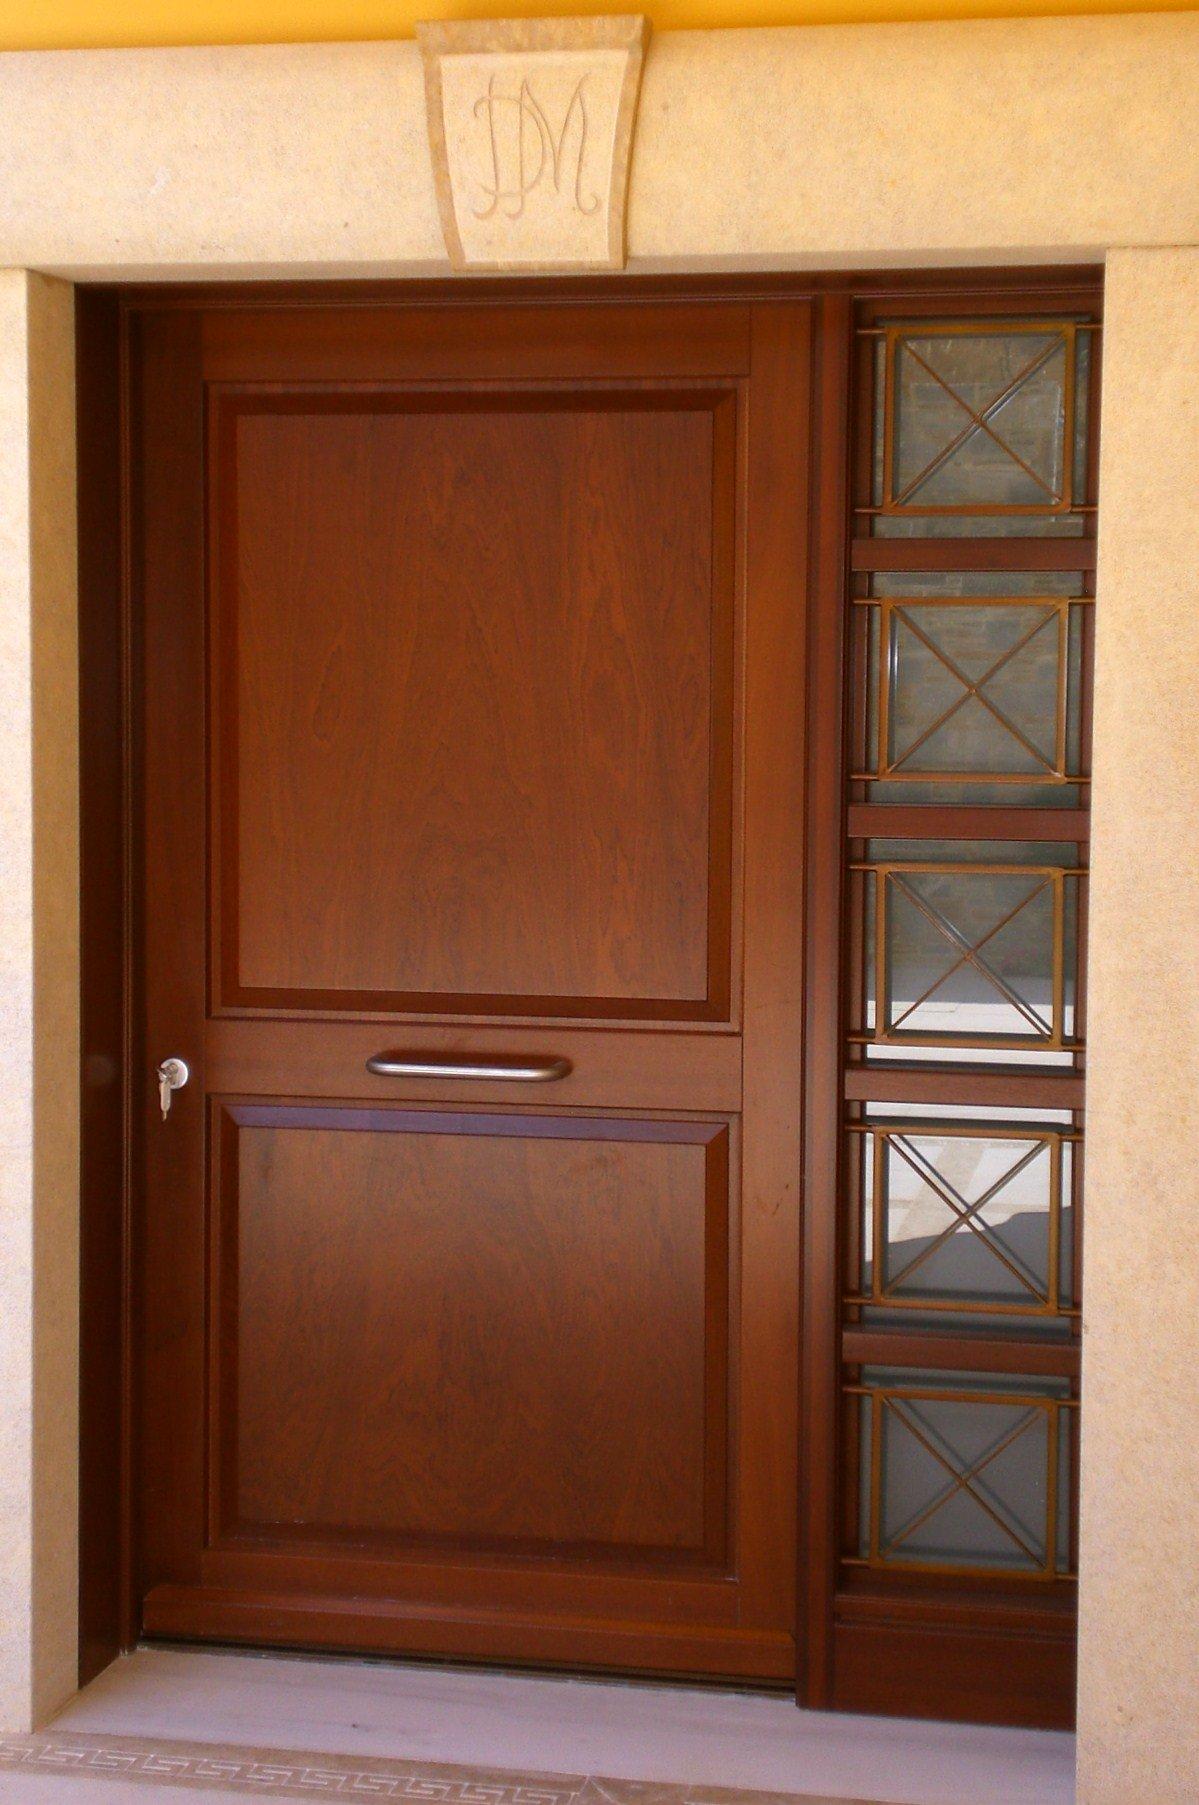 Θ17b Ταμπλαδωτή εξώπορτα με ανοιγόμενο τζαμιλίκι και σιδεριά